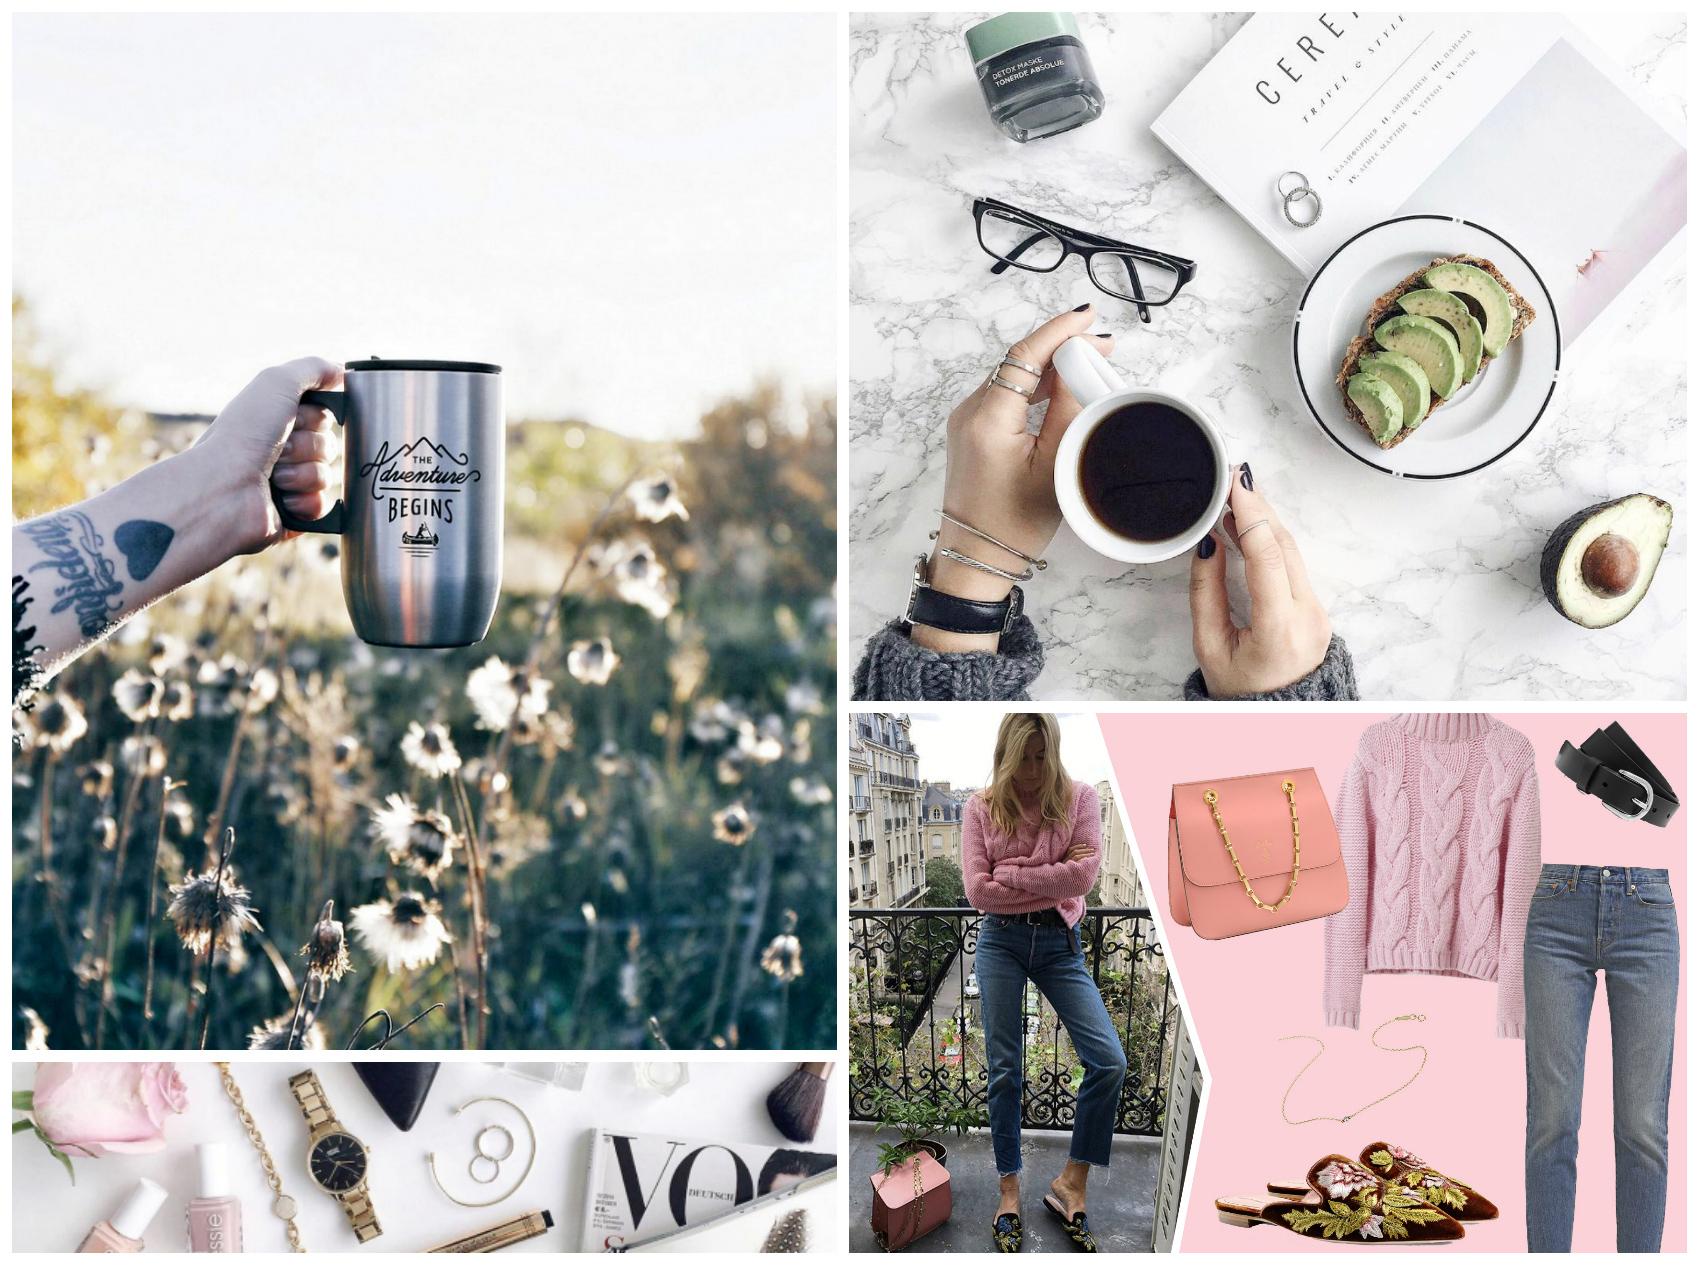 klicks_derwoche_zukkerm_inspiration_blogger_iceland_instagram